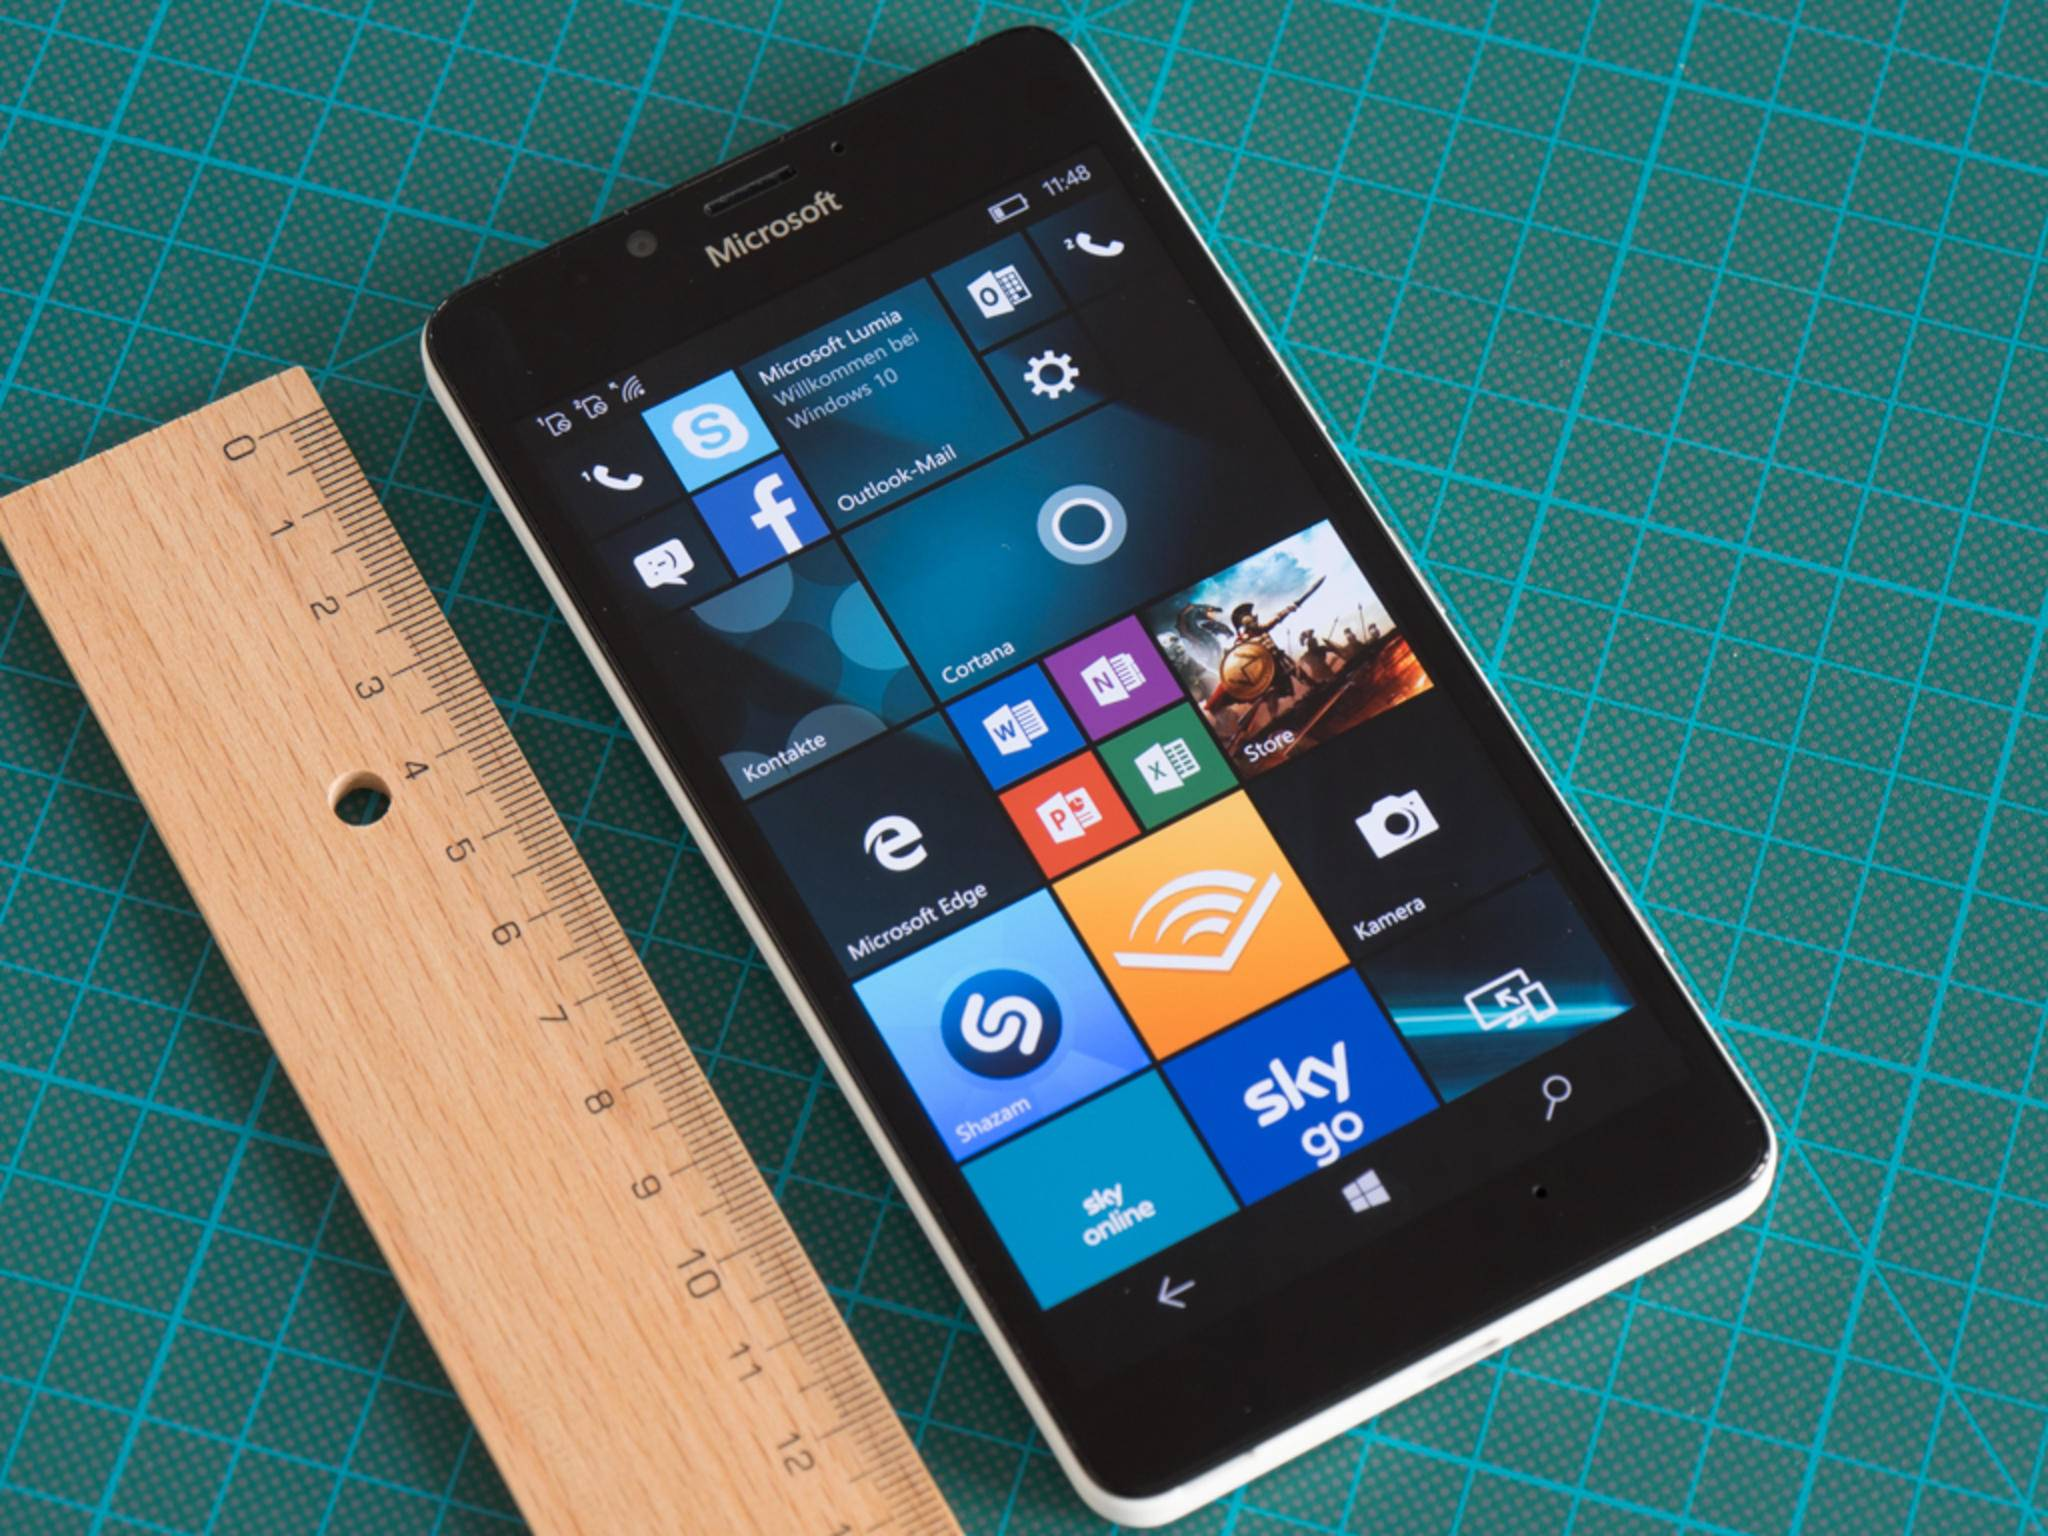 Microsoft liefert ein unspektakuläres Kunststoff-Gehäuse.